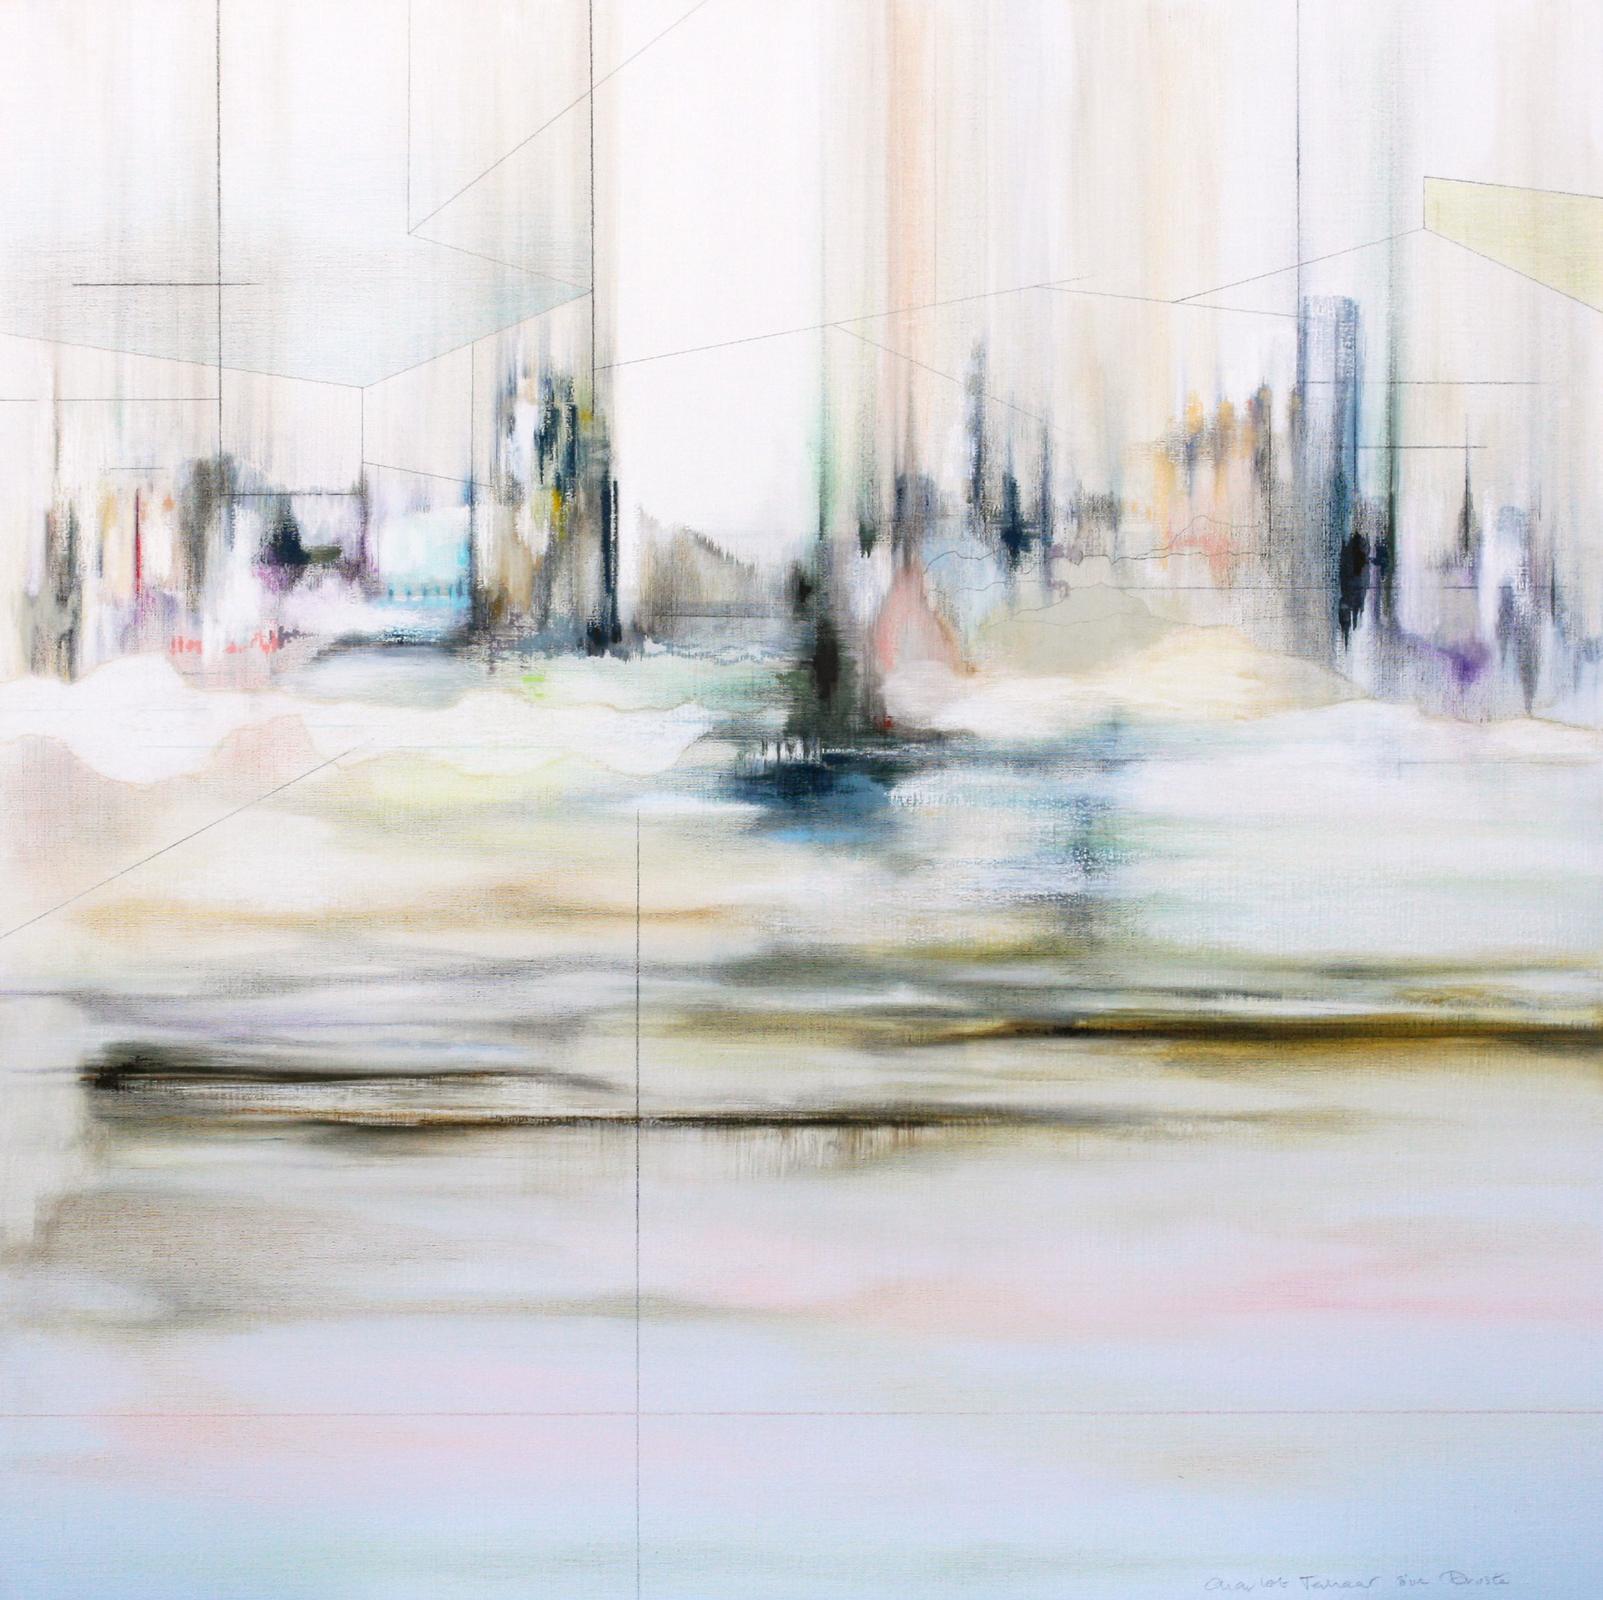 Schilderij #394